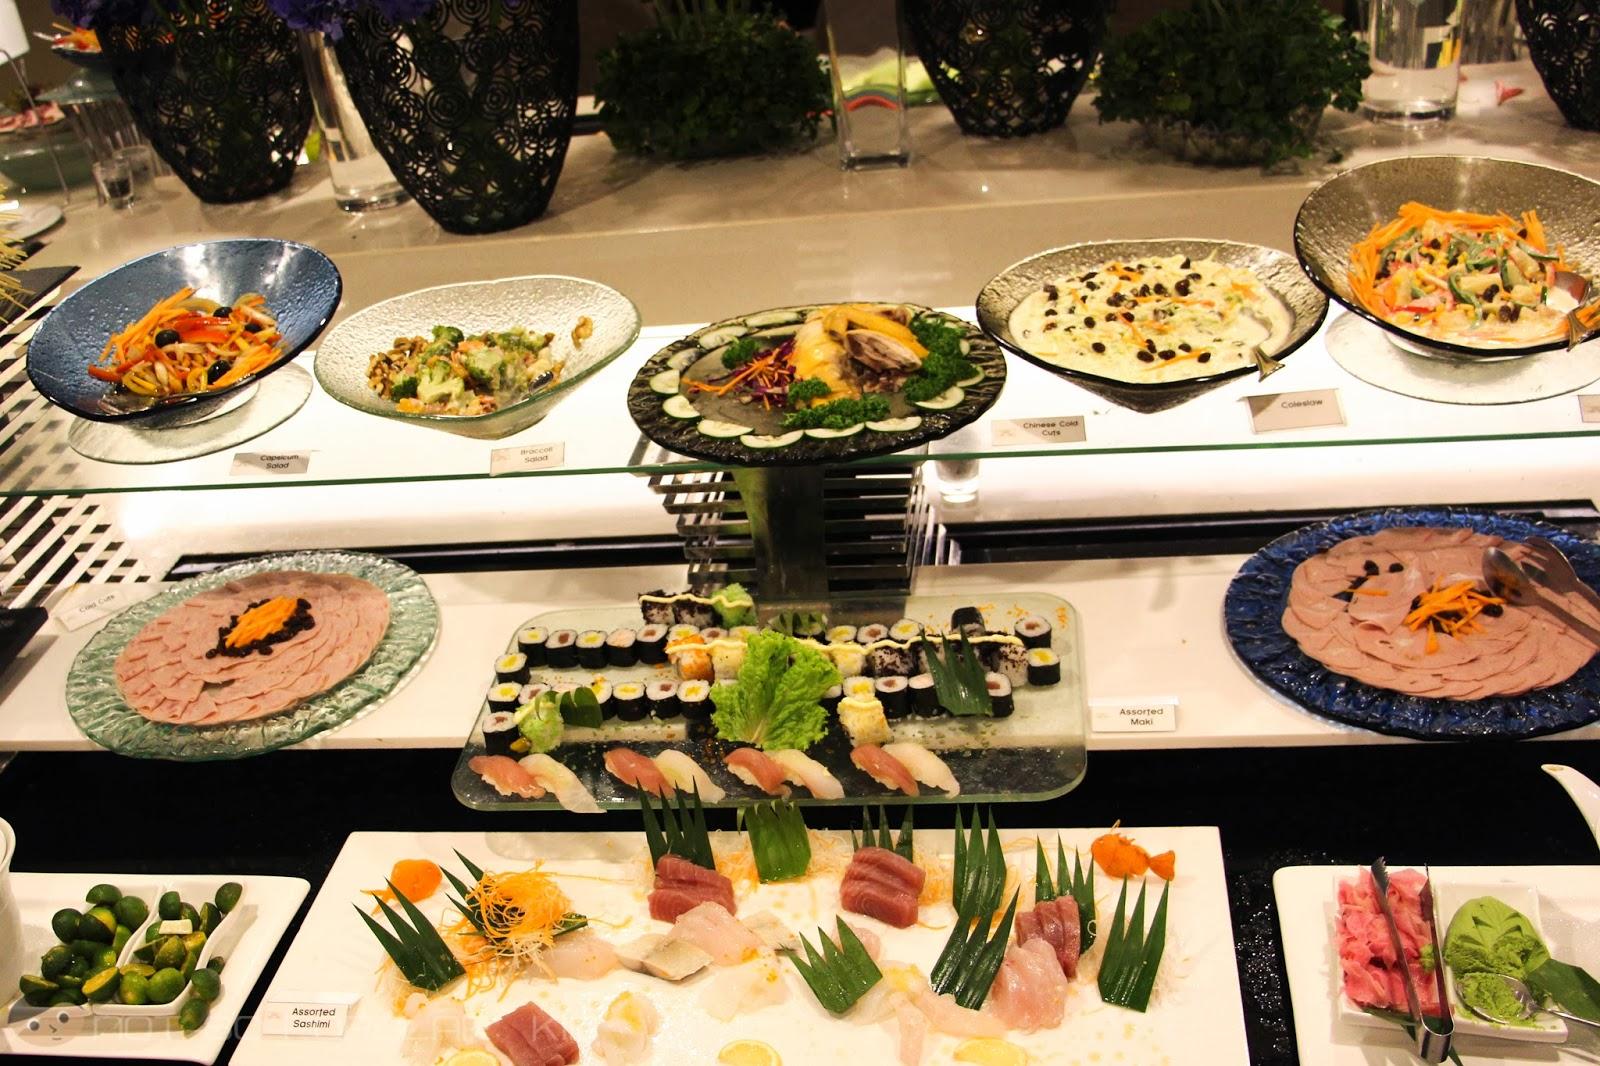 The Sushi Bar of Midas Cafe - Sushi, sashimi and more!